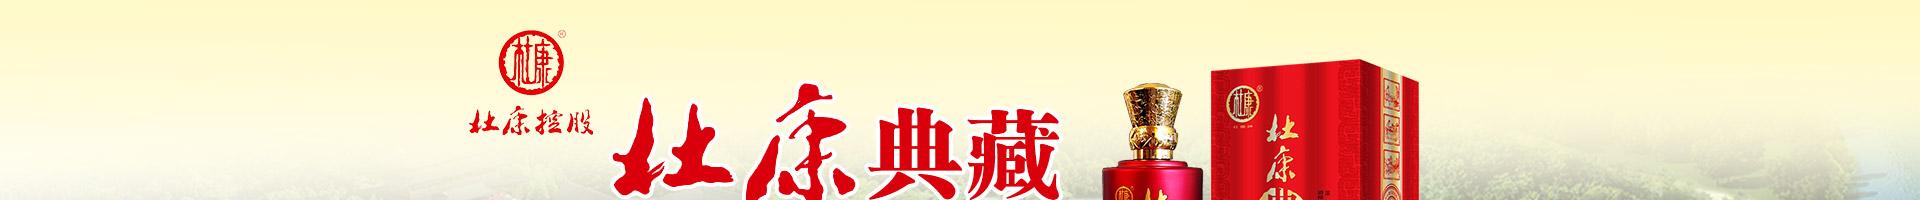 洛阳杜康控股御酒坊全国营销中心